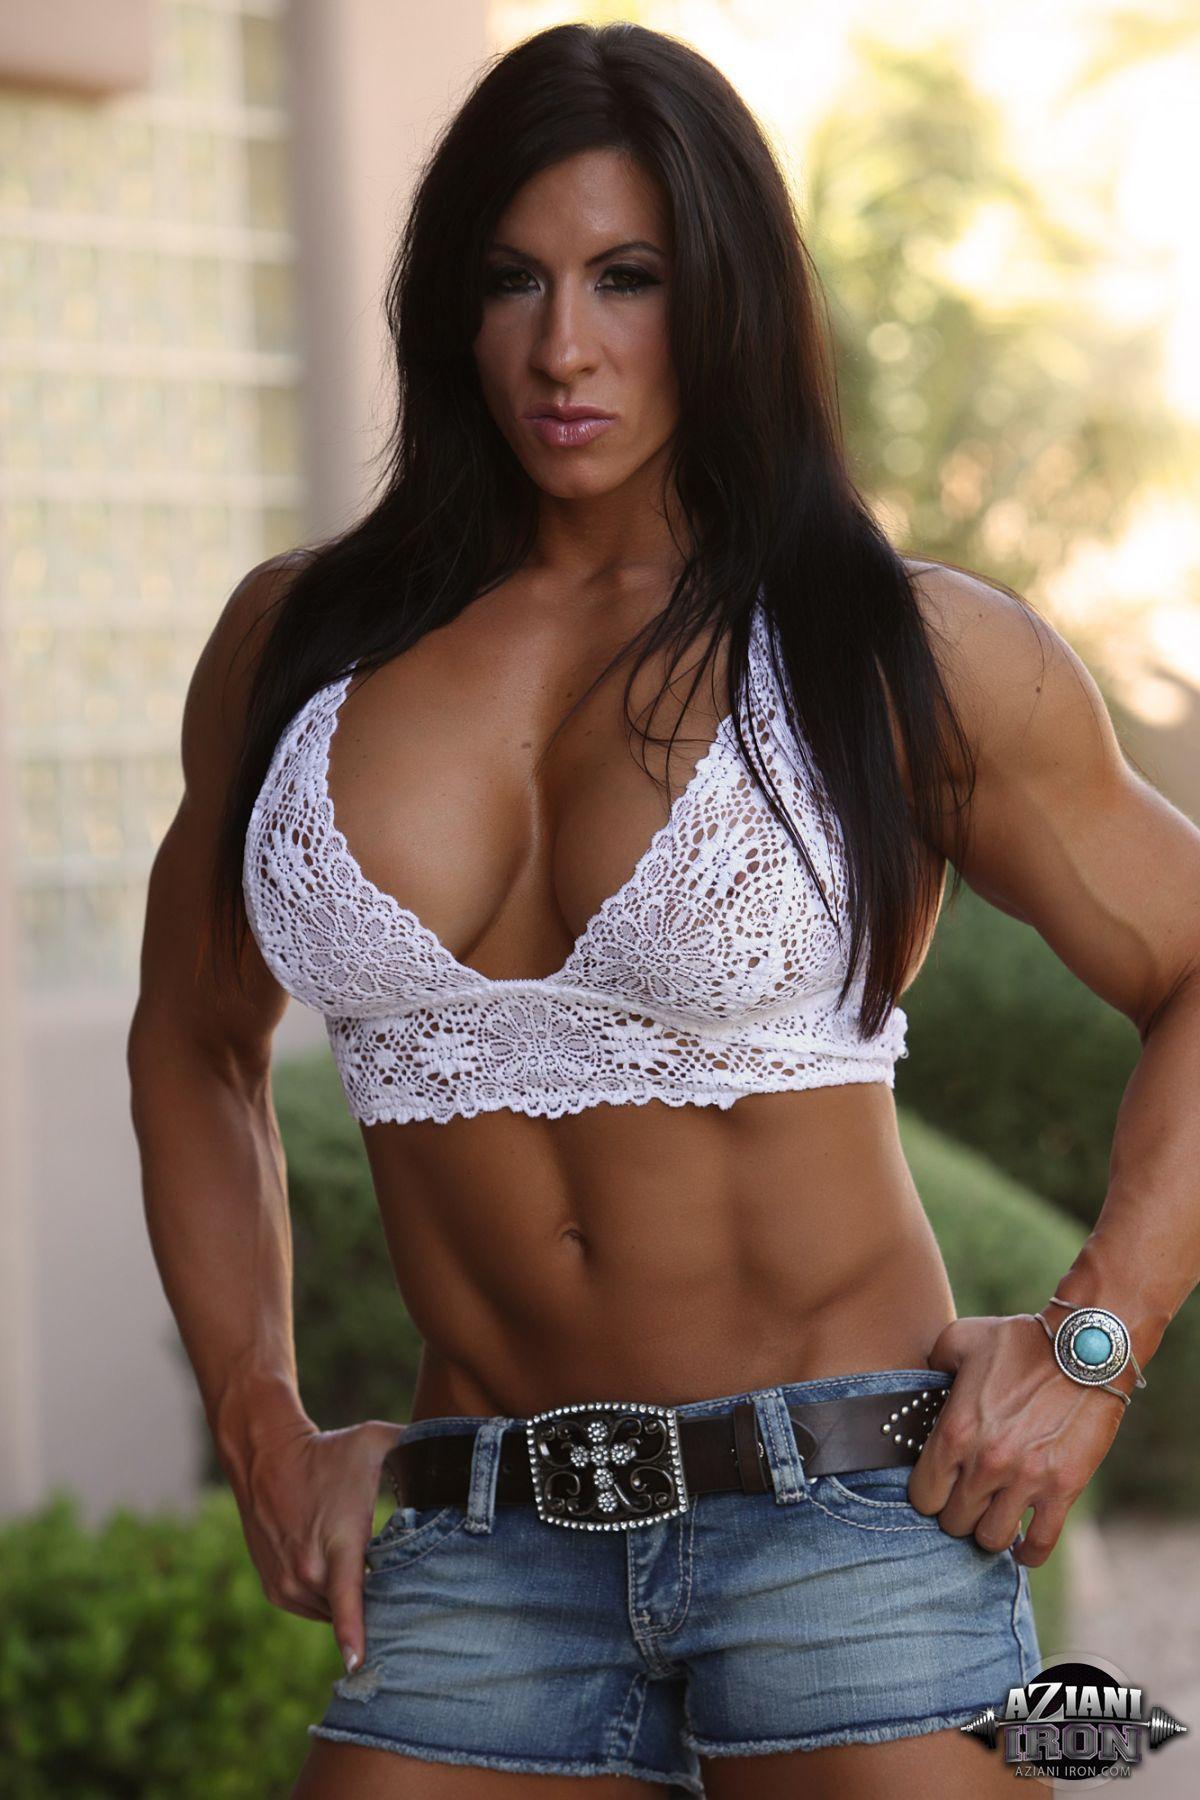 Pauline Mendoza (b. 1999) images